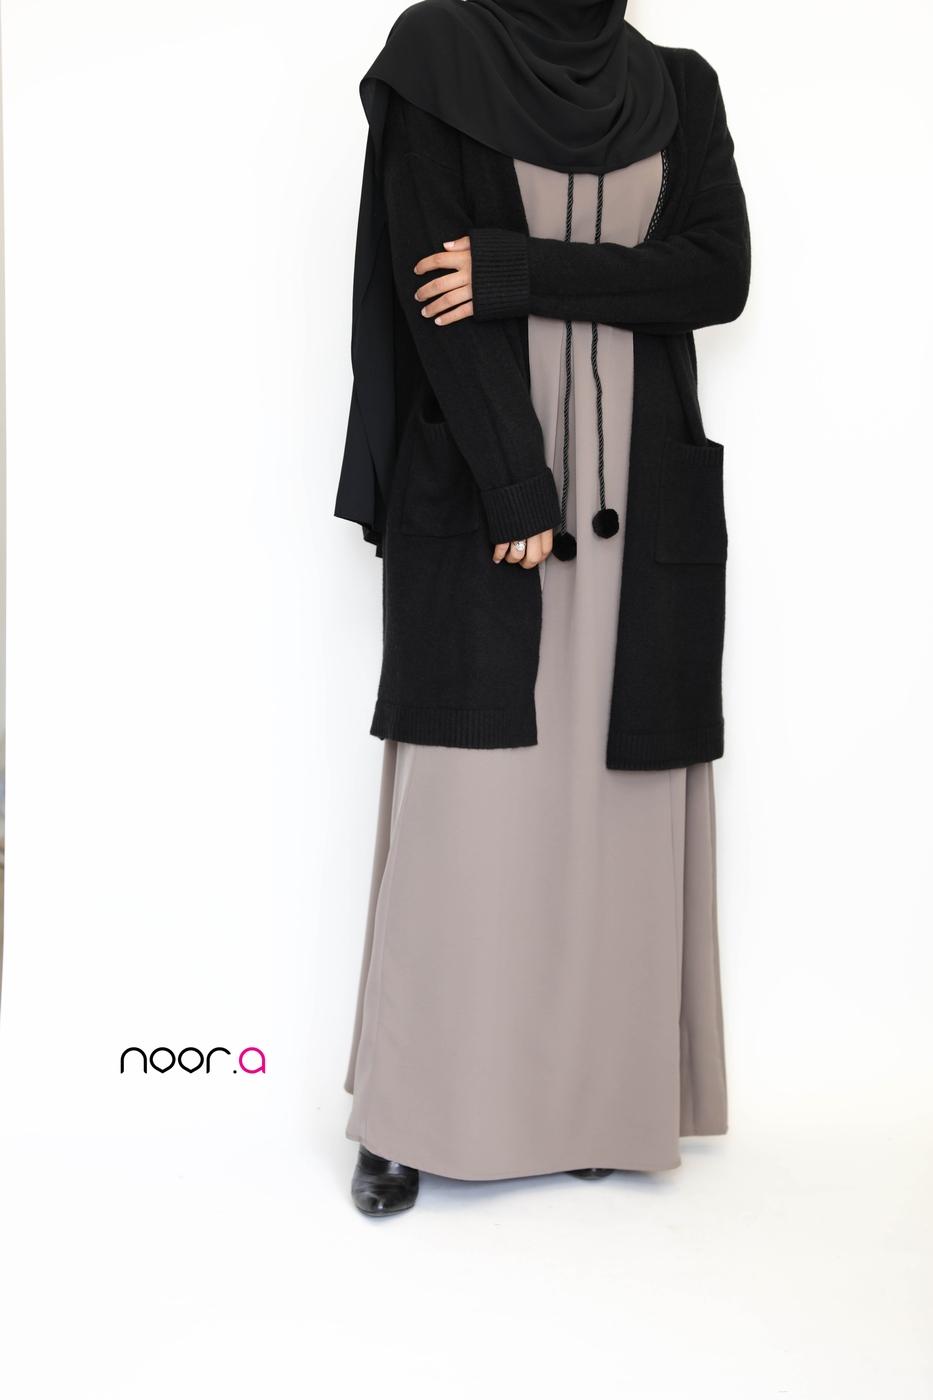 gilet-epais-noir-robe-longue-safa-taupe-hijab-soie-de-medine-noir (4)